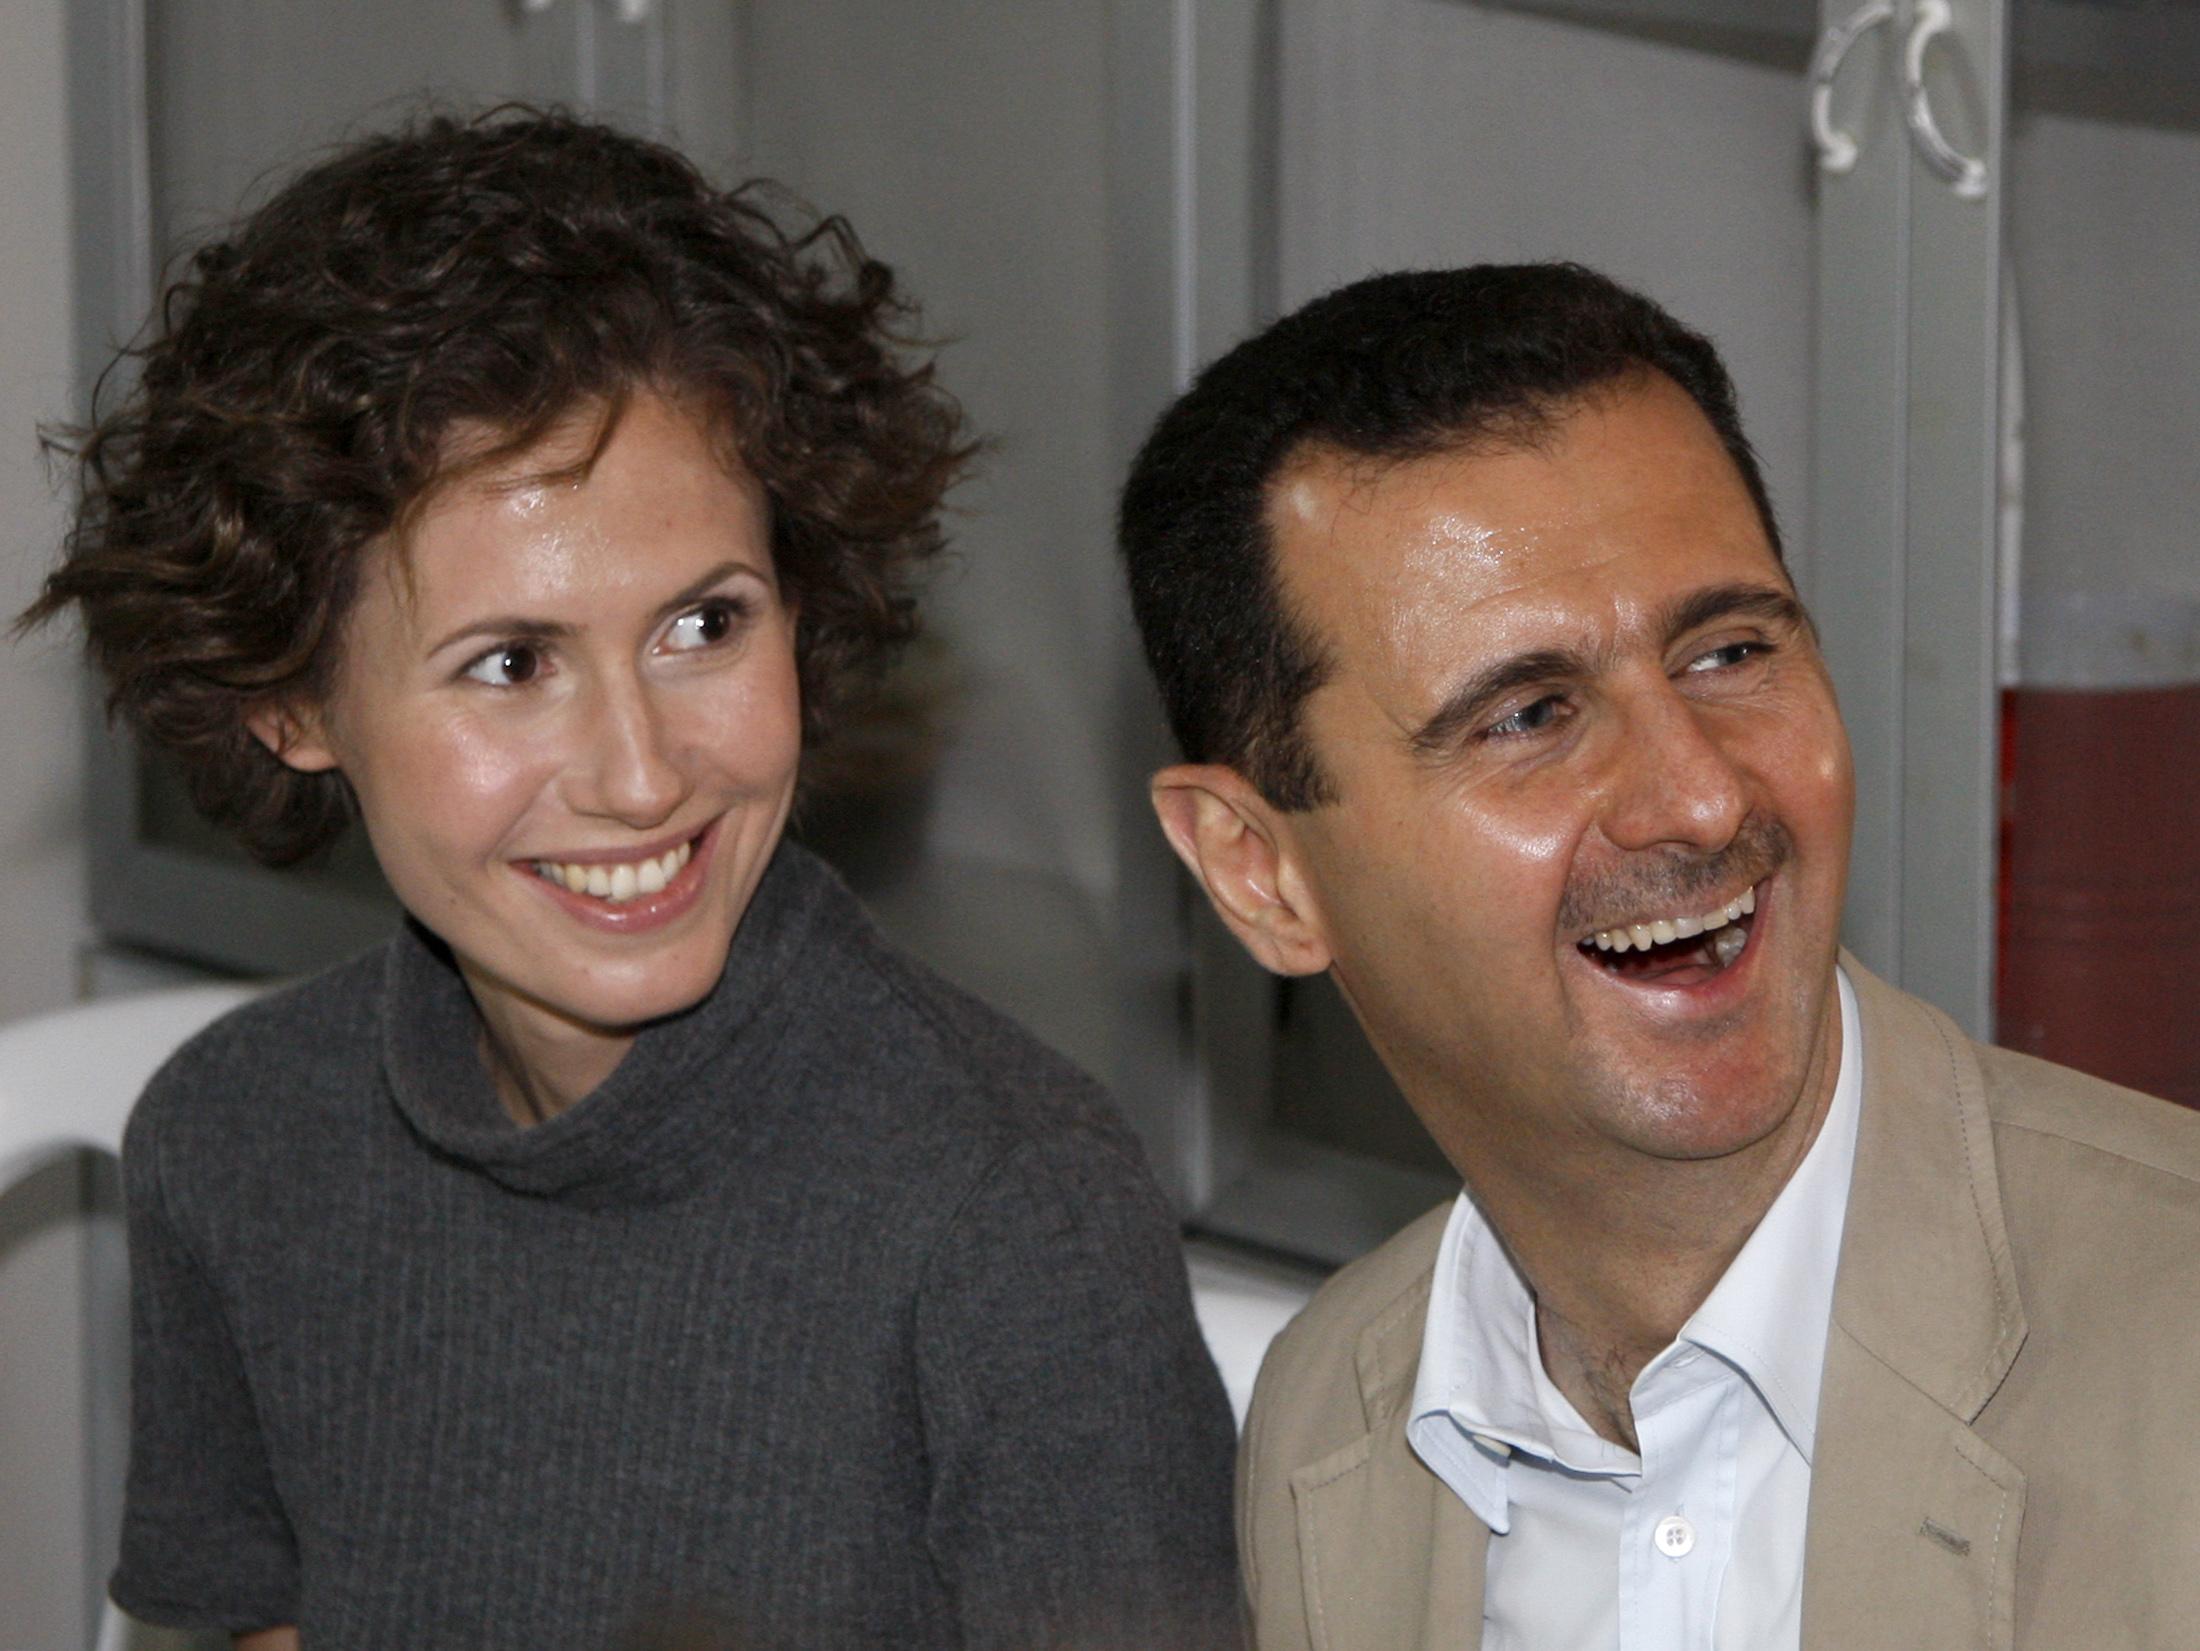 """صورة """"عروس الأسد"""" بمهب الريح.. دعوات لاسقاط الجنسية البريطانية عن """"اسماء الأخرس"""""""